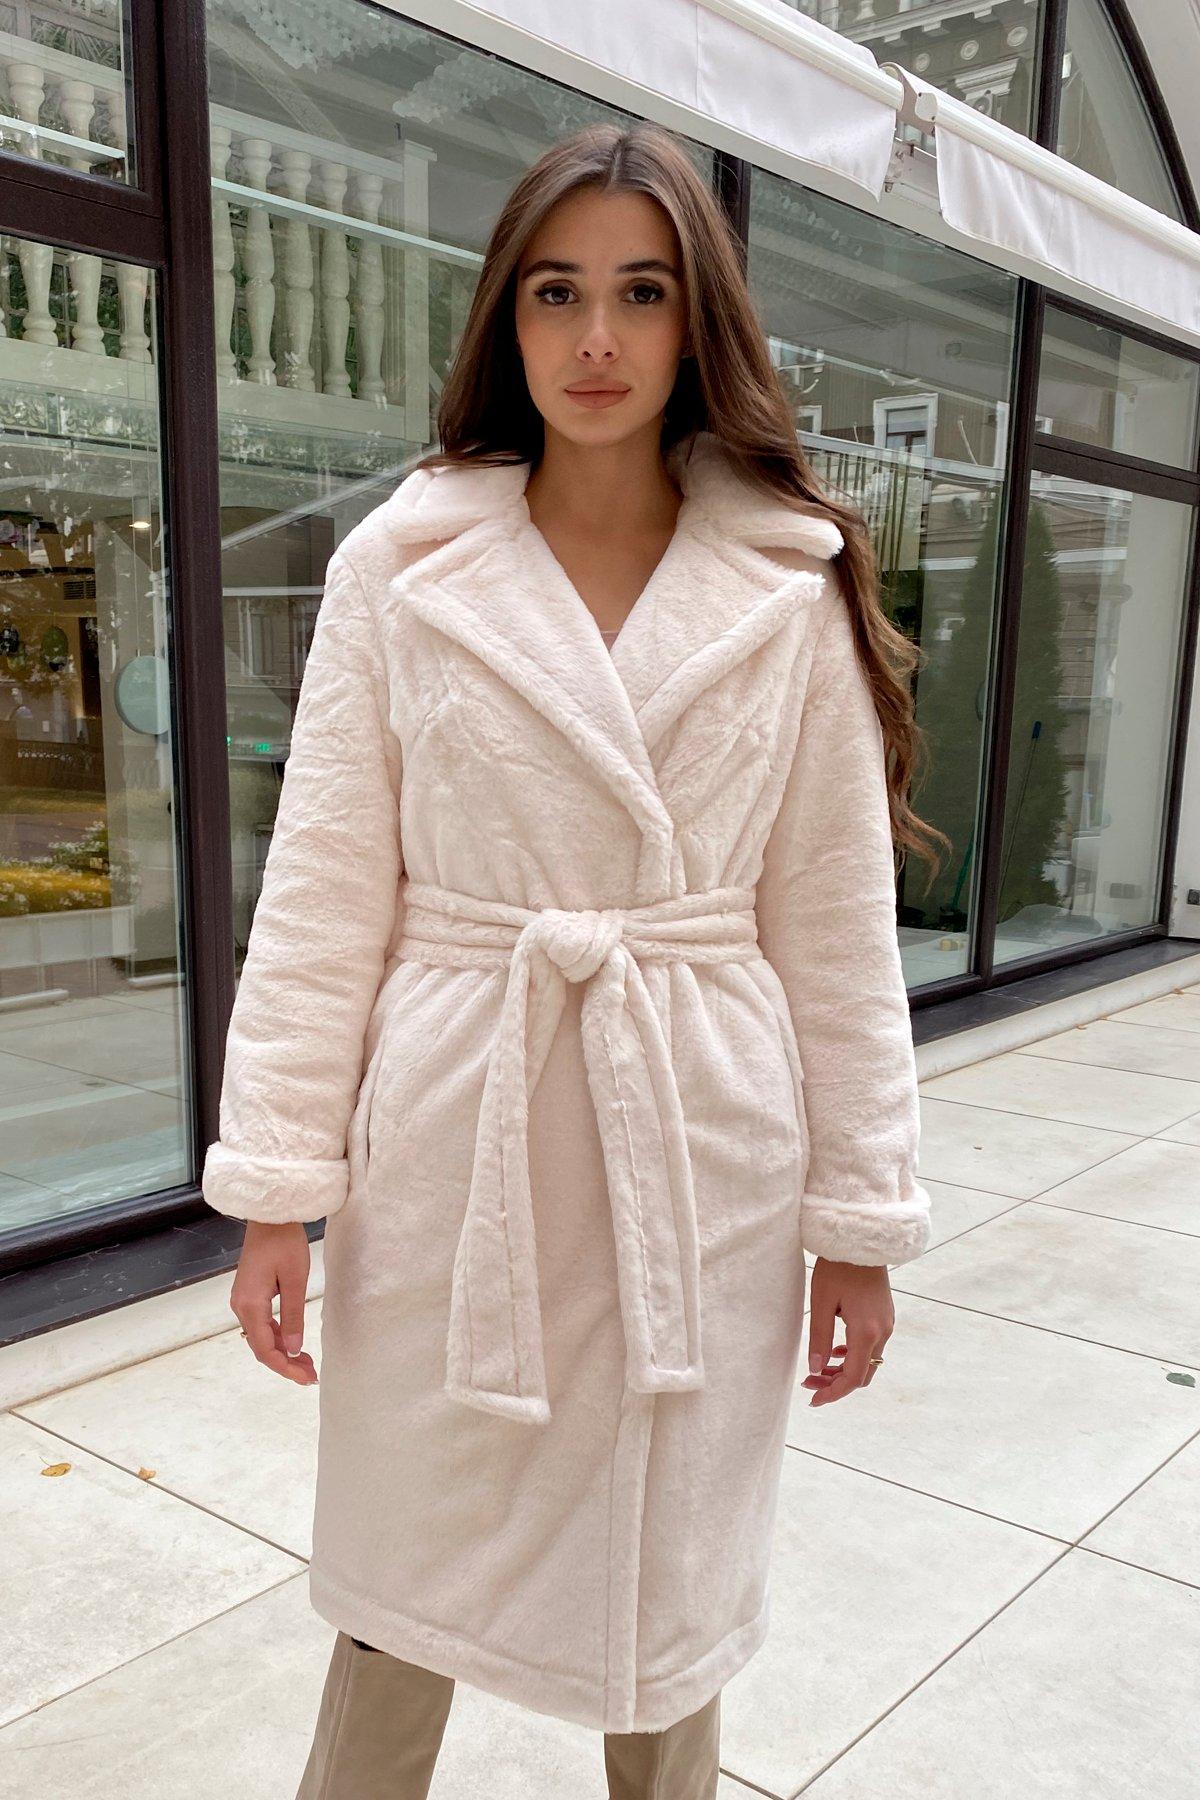 Зимнее пальто из искусственного меха норки Саманта 8641 АРТ. 44957 Цвет: Молоко - фото 13, интернет магазин tm-modus.ru